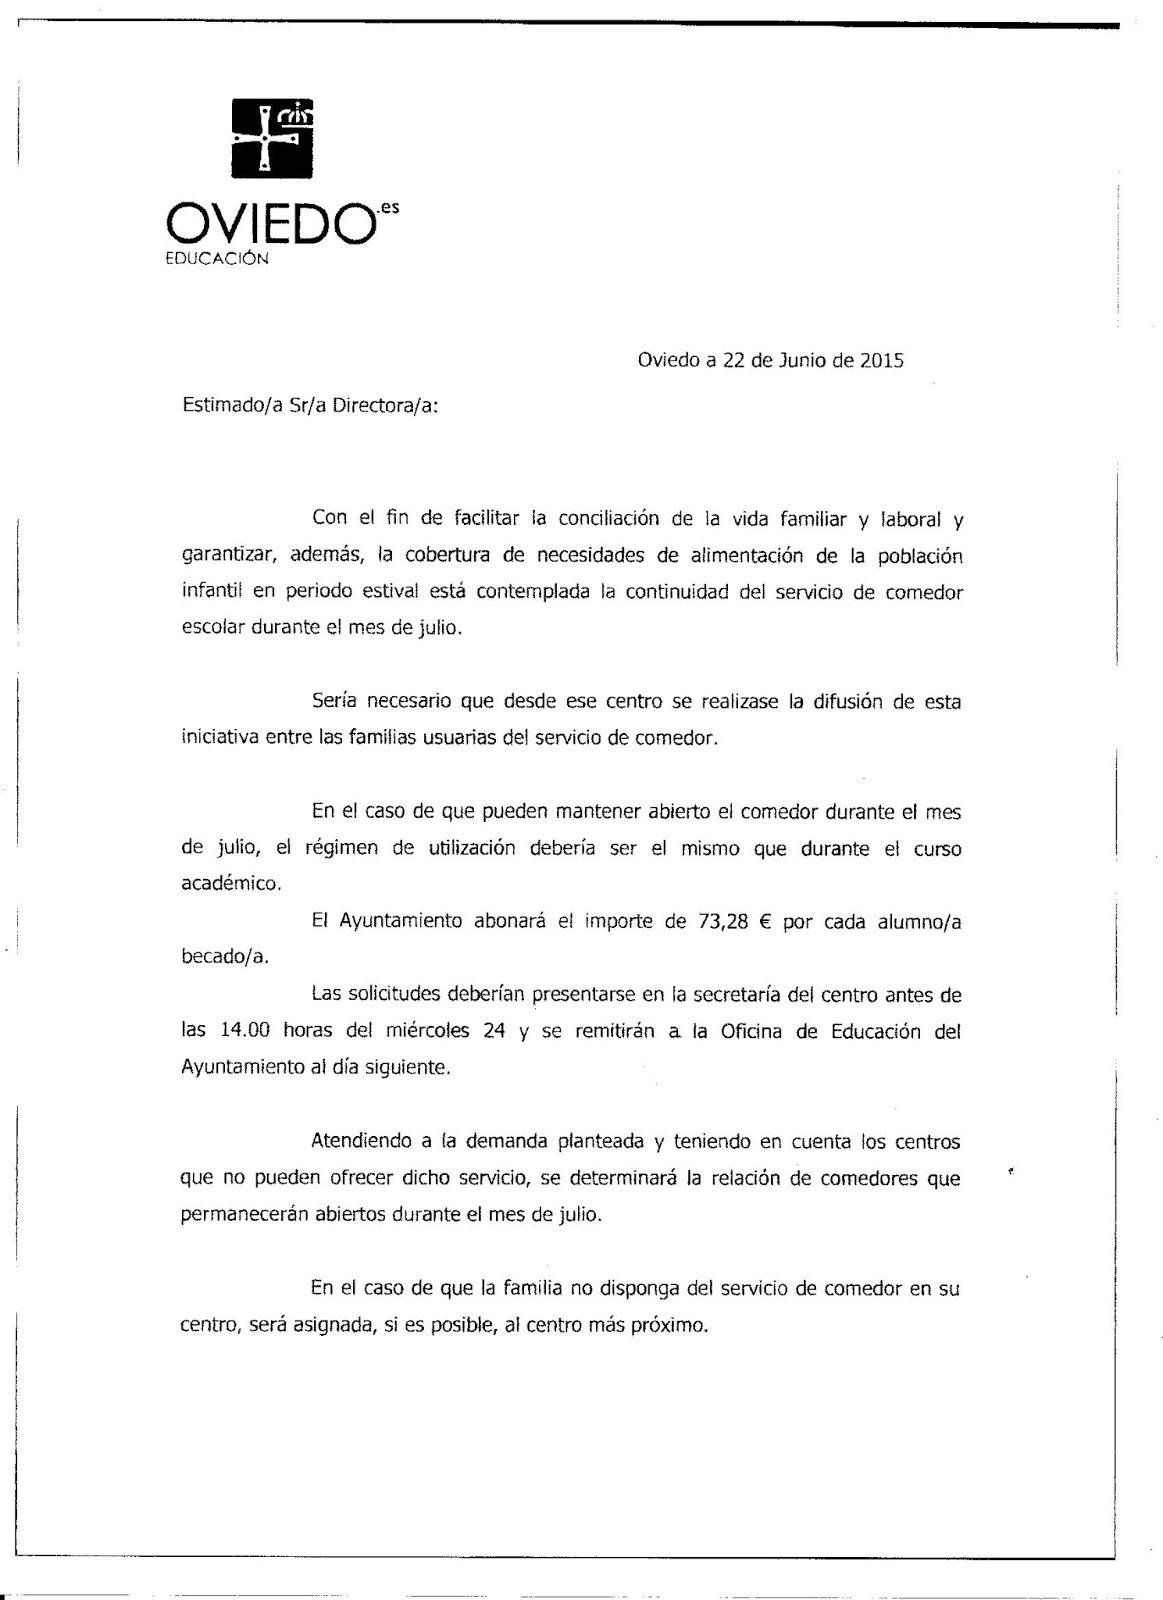 Colegio Sagrada Familia de Oviedo: Comedor Escolar en Julio